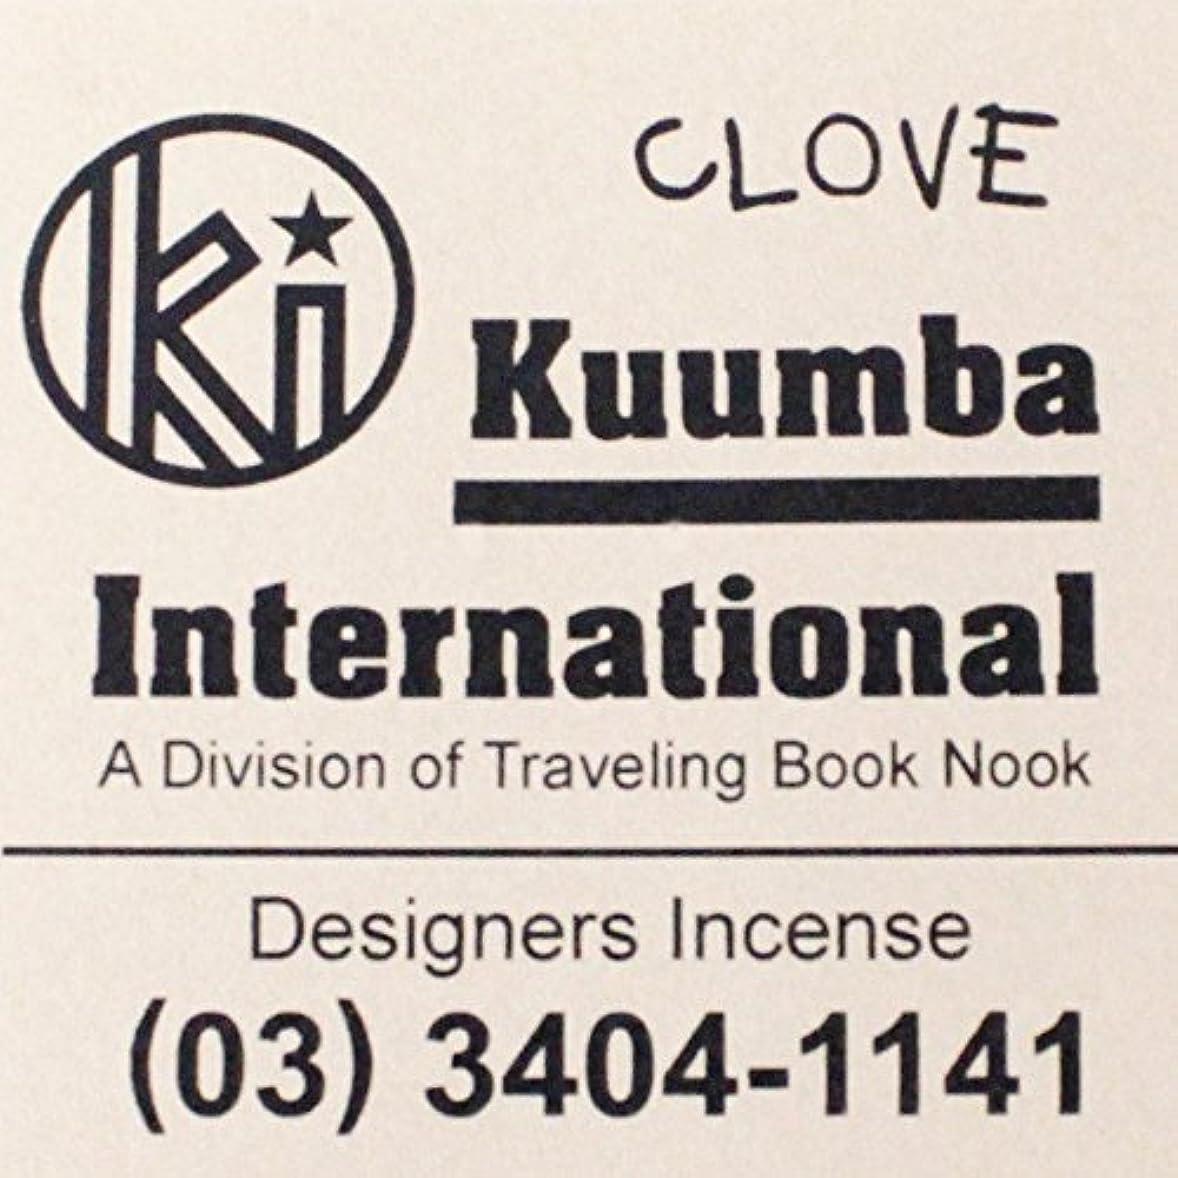 バッフル振る舞うたとえ(クンバ) KUUMBA『incense』(CLOVE) (Regular size)